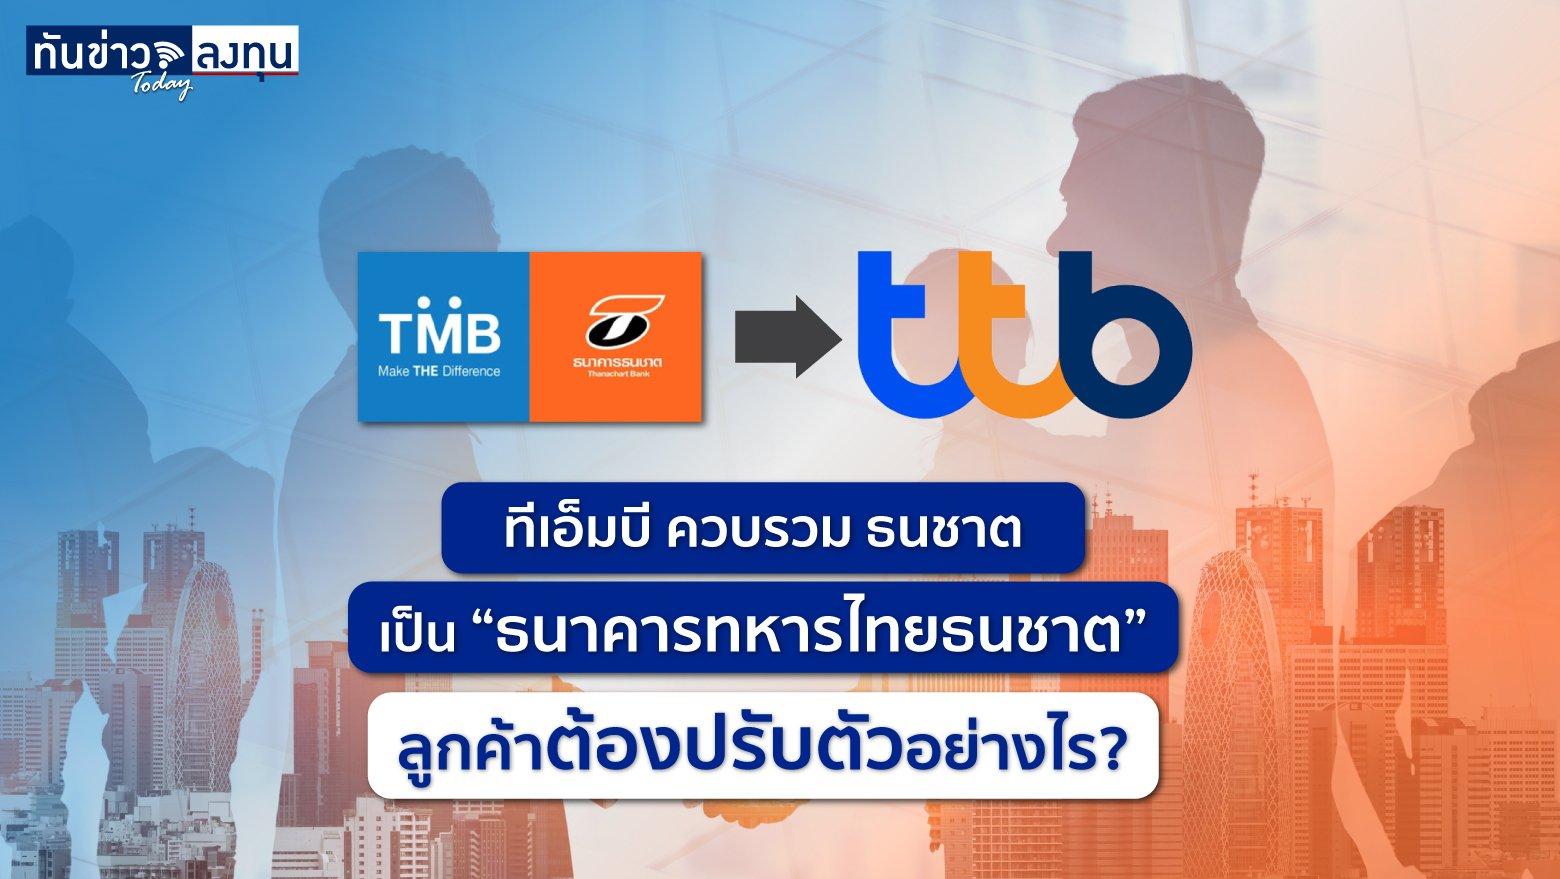 """ทีเอ็มบี ควบรวม ธนชาต เป็น """"ธนาคารทหารไทยธนชาต"""" ลูกค้าต้องปรับตัวอย่างไร?"""